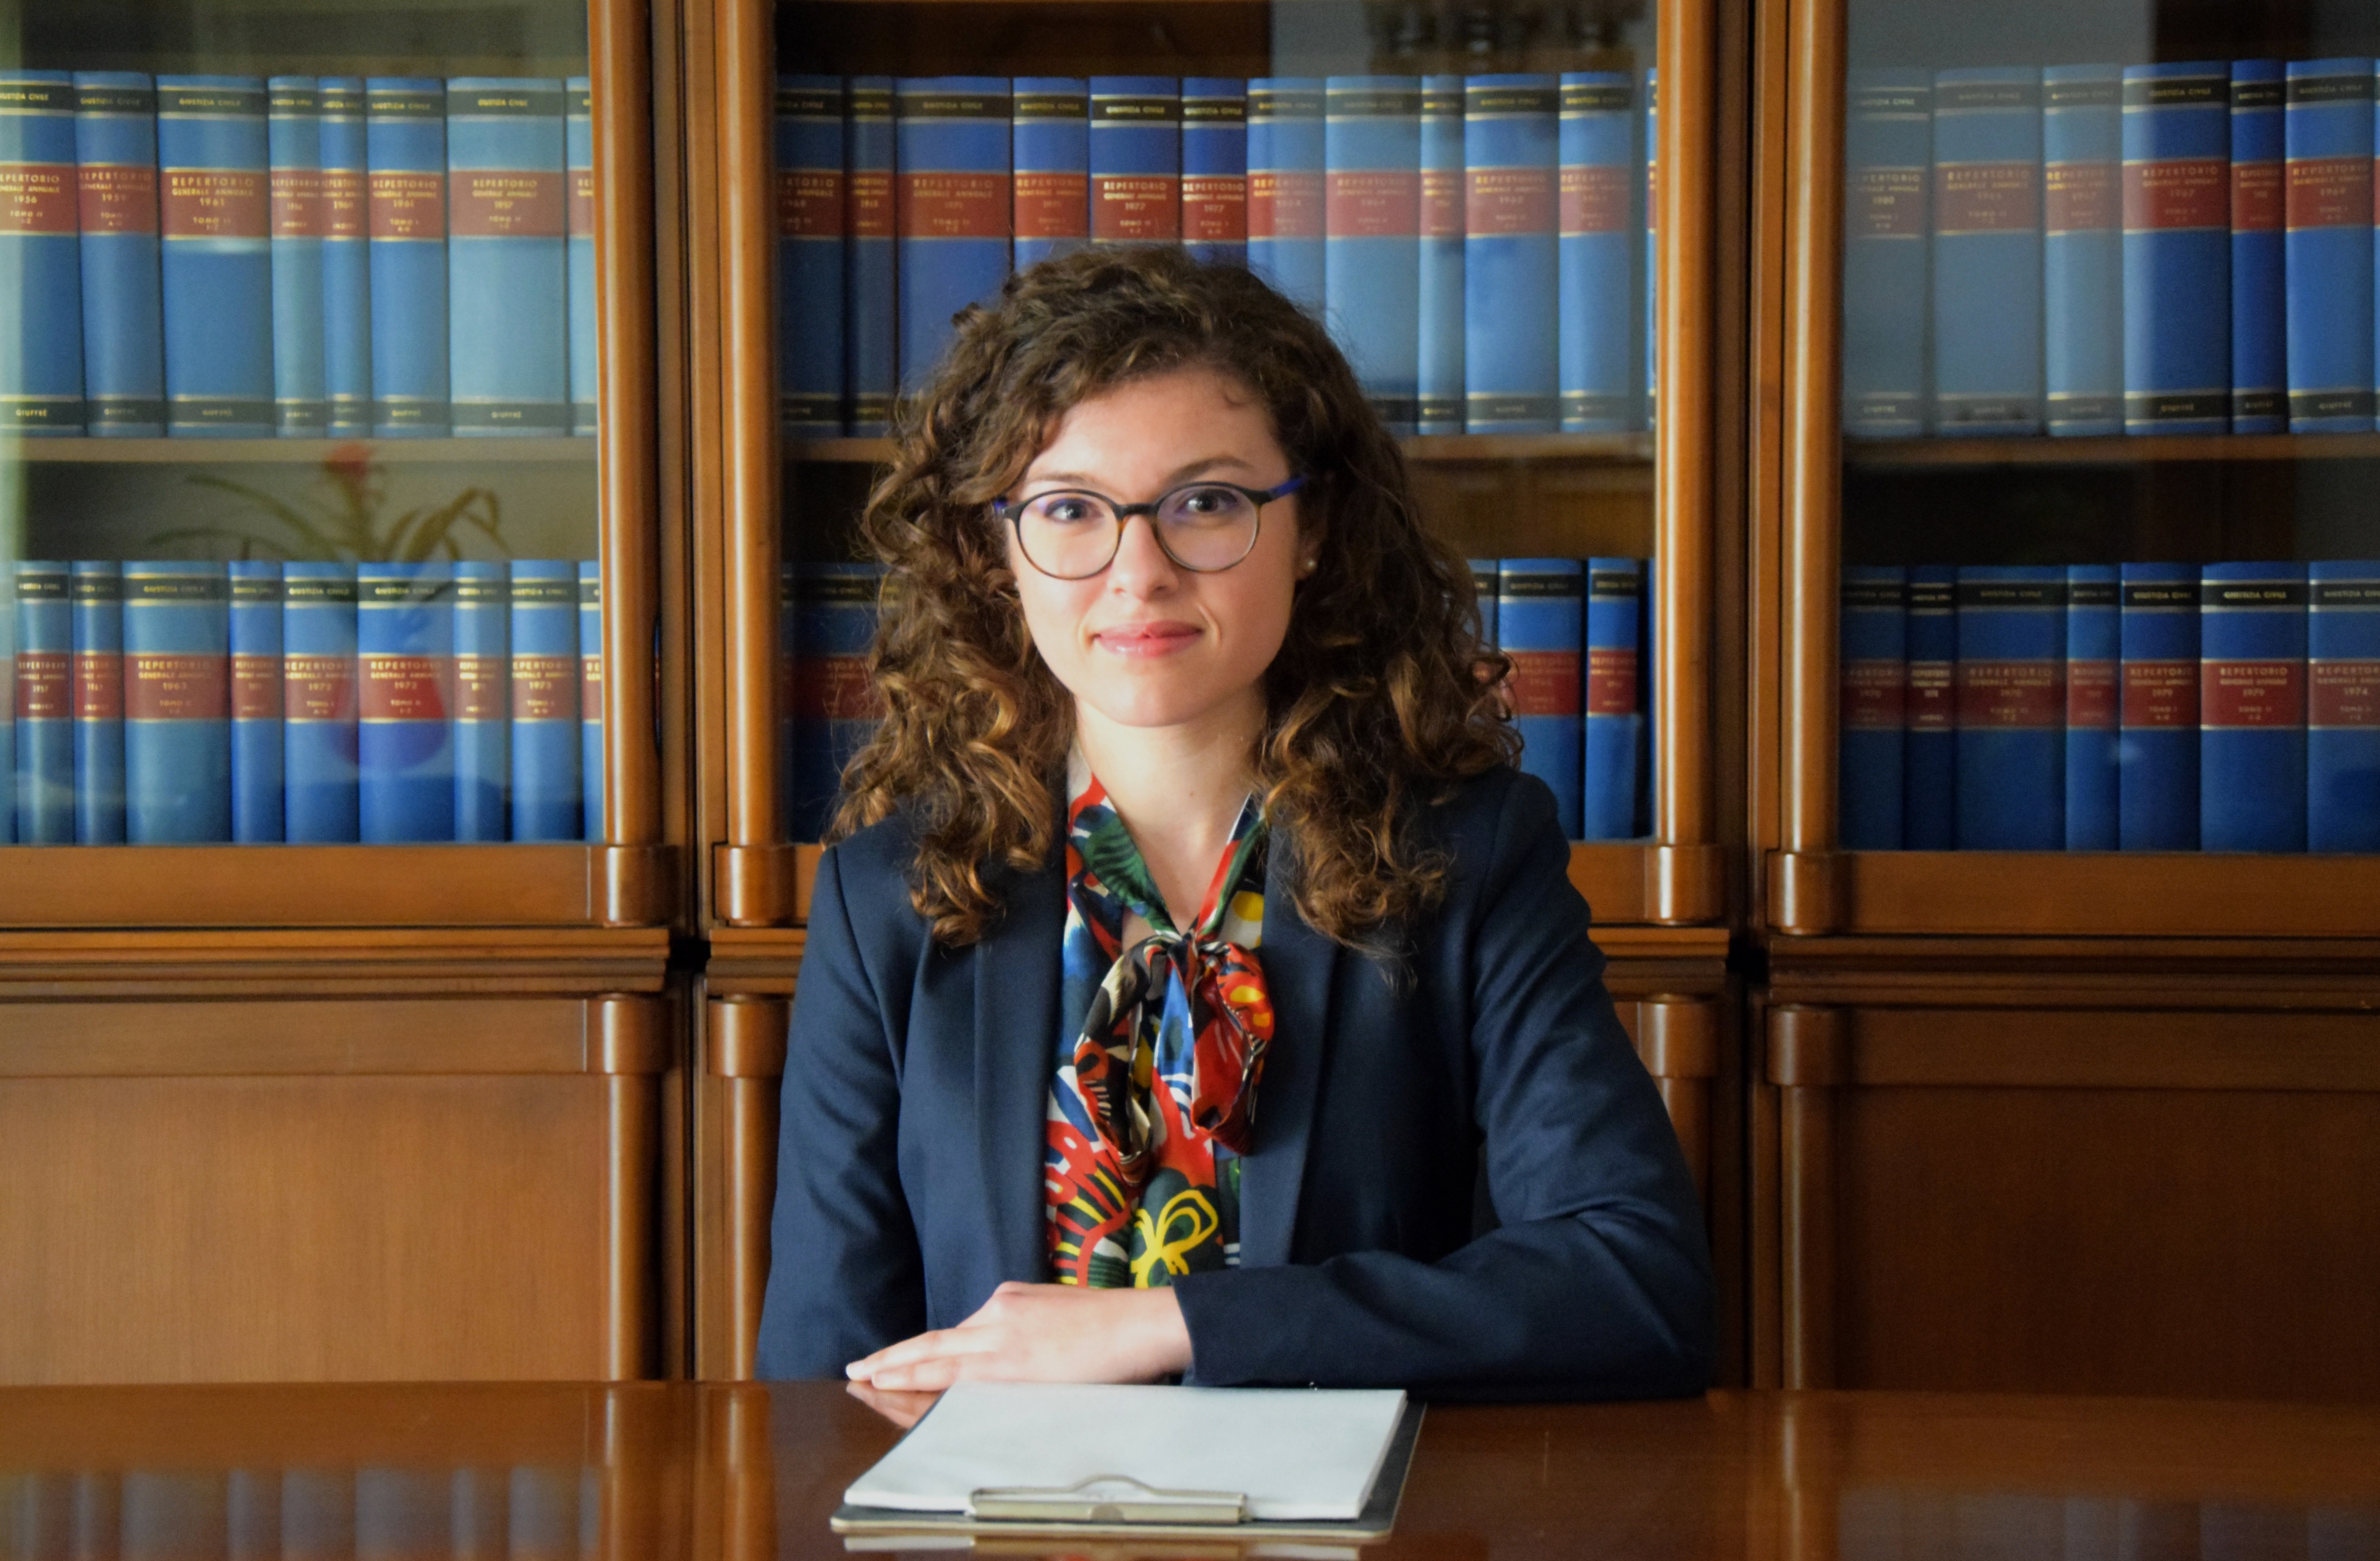 L'avvocato Cortese a Palermo